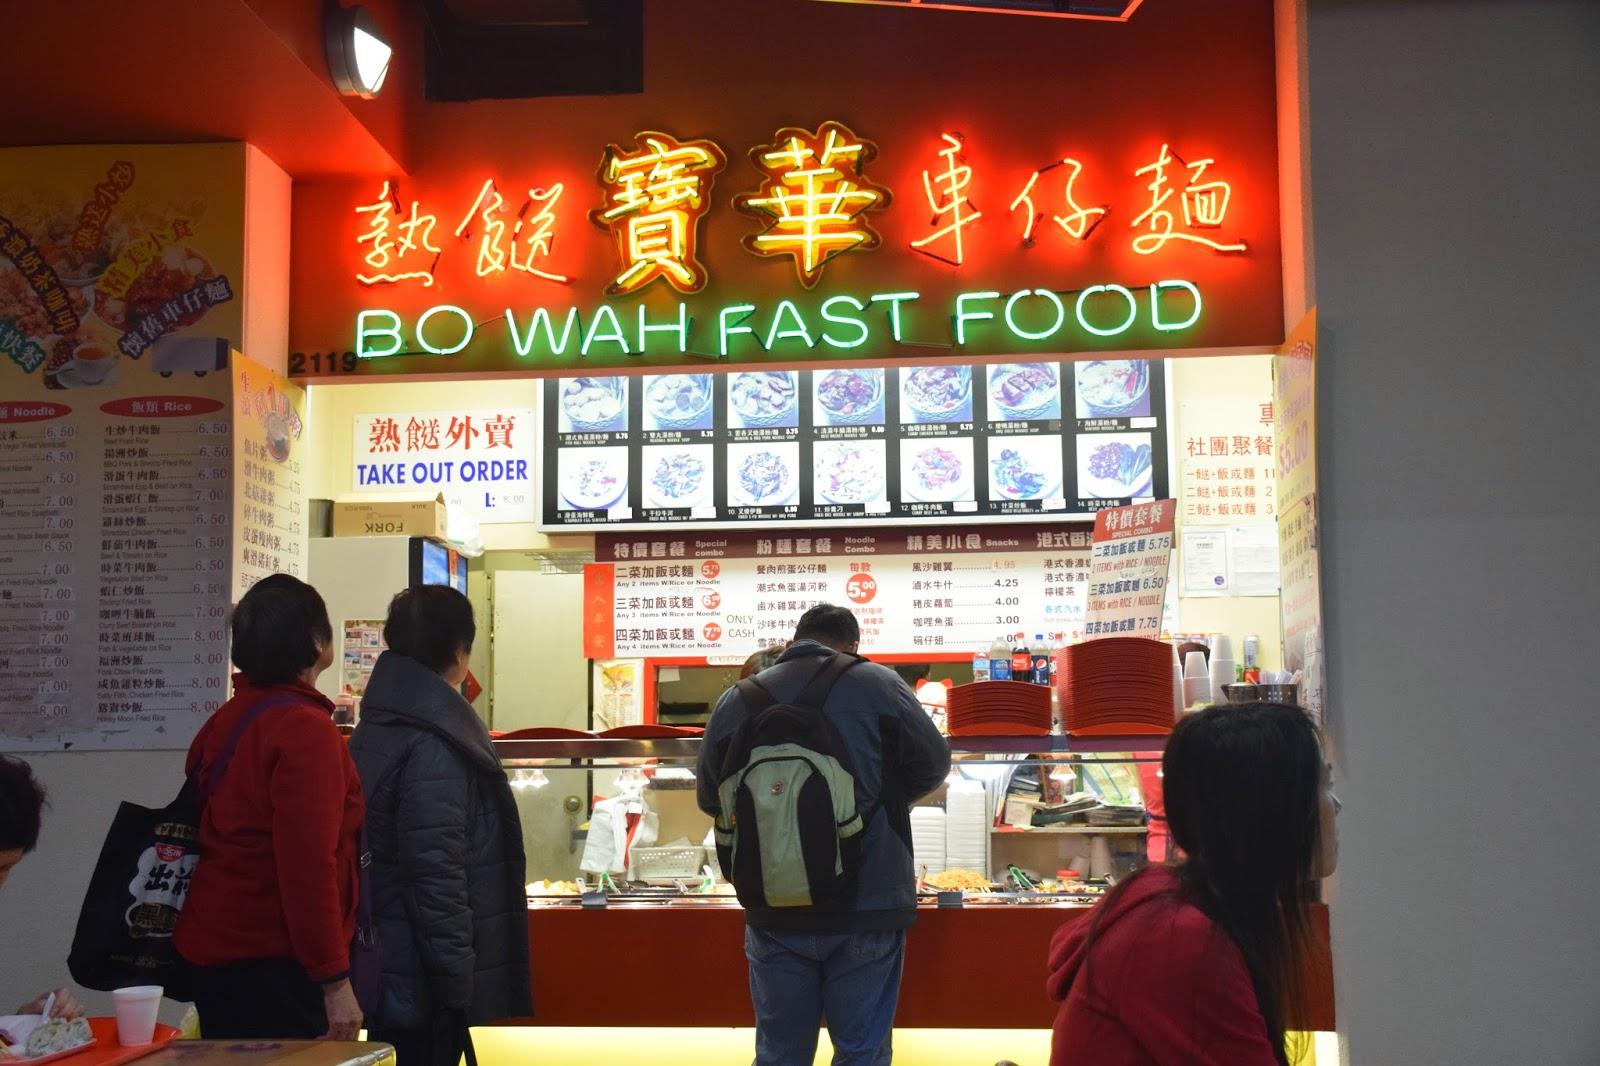 Bo Wah Chinese Food